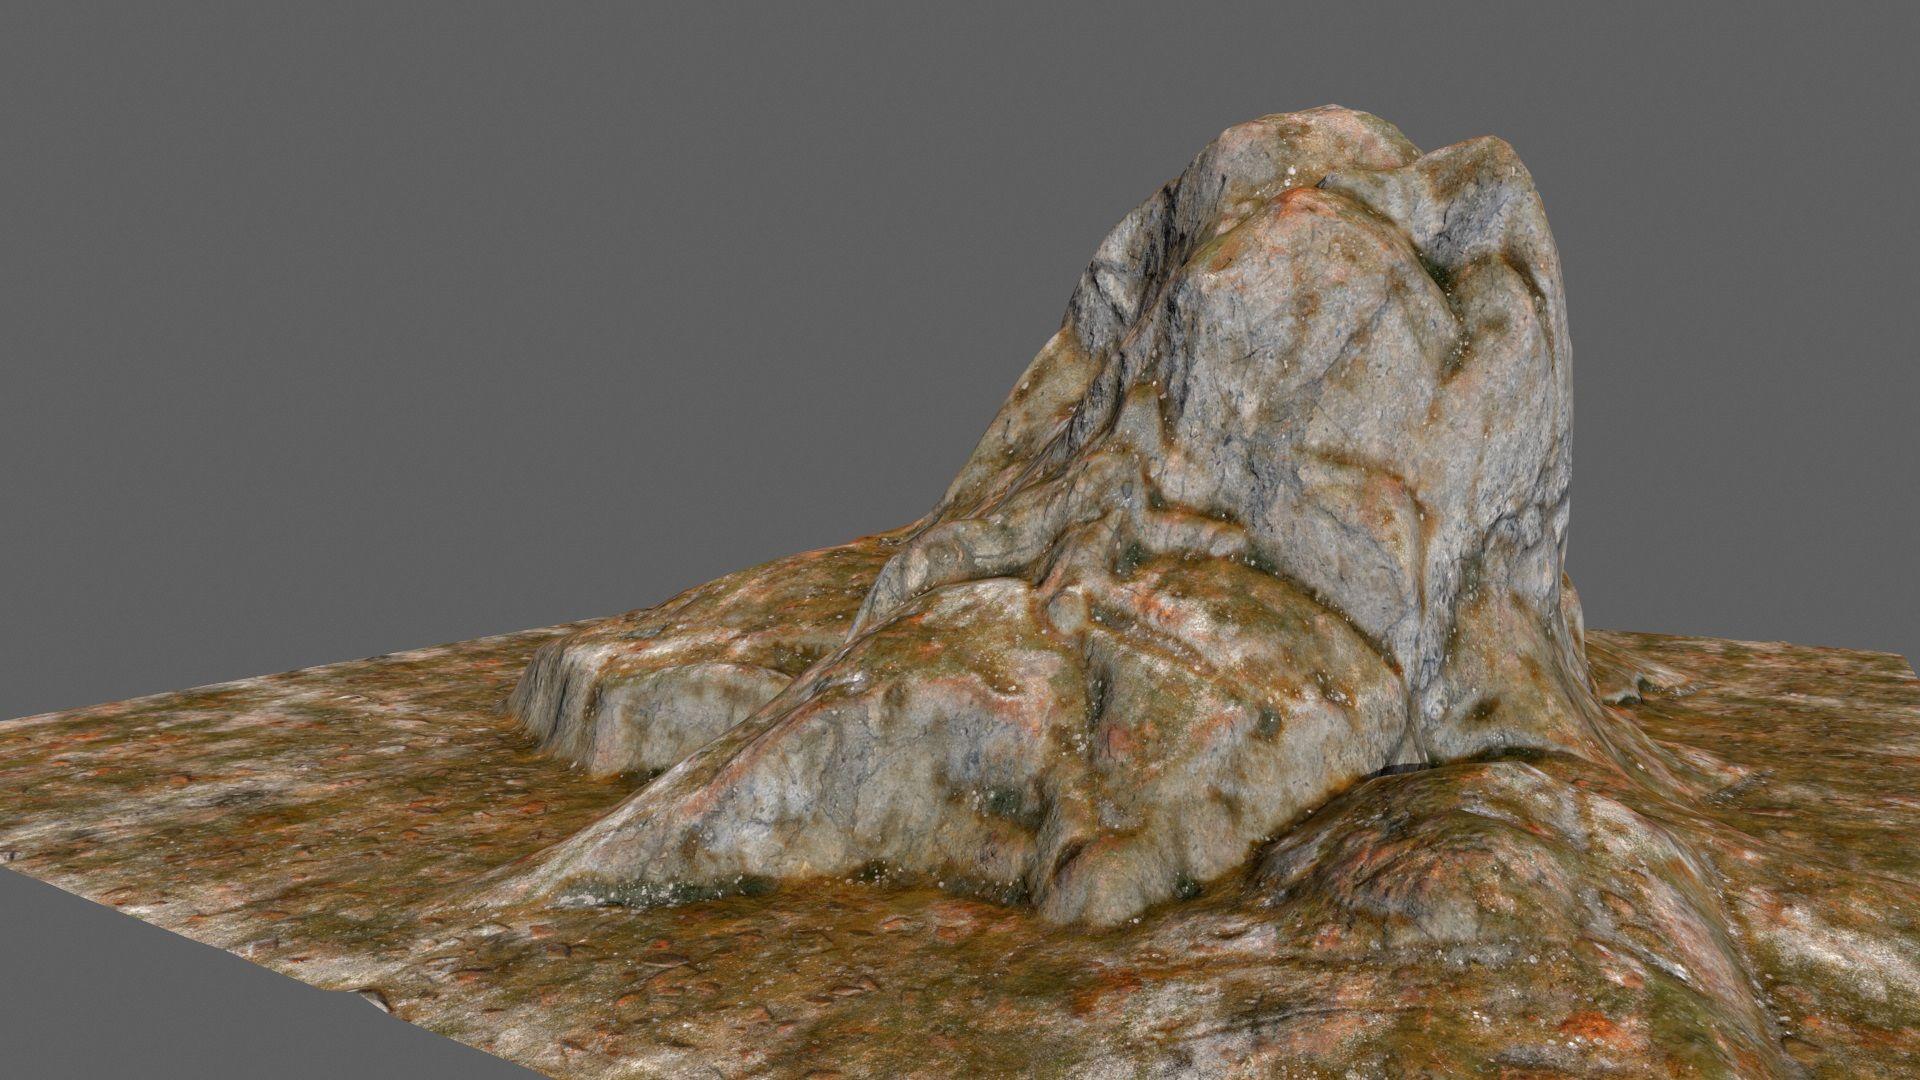 desert rock desert, rock Rock, Lion sculpture, Imagery